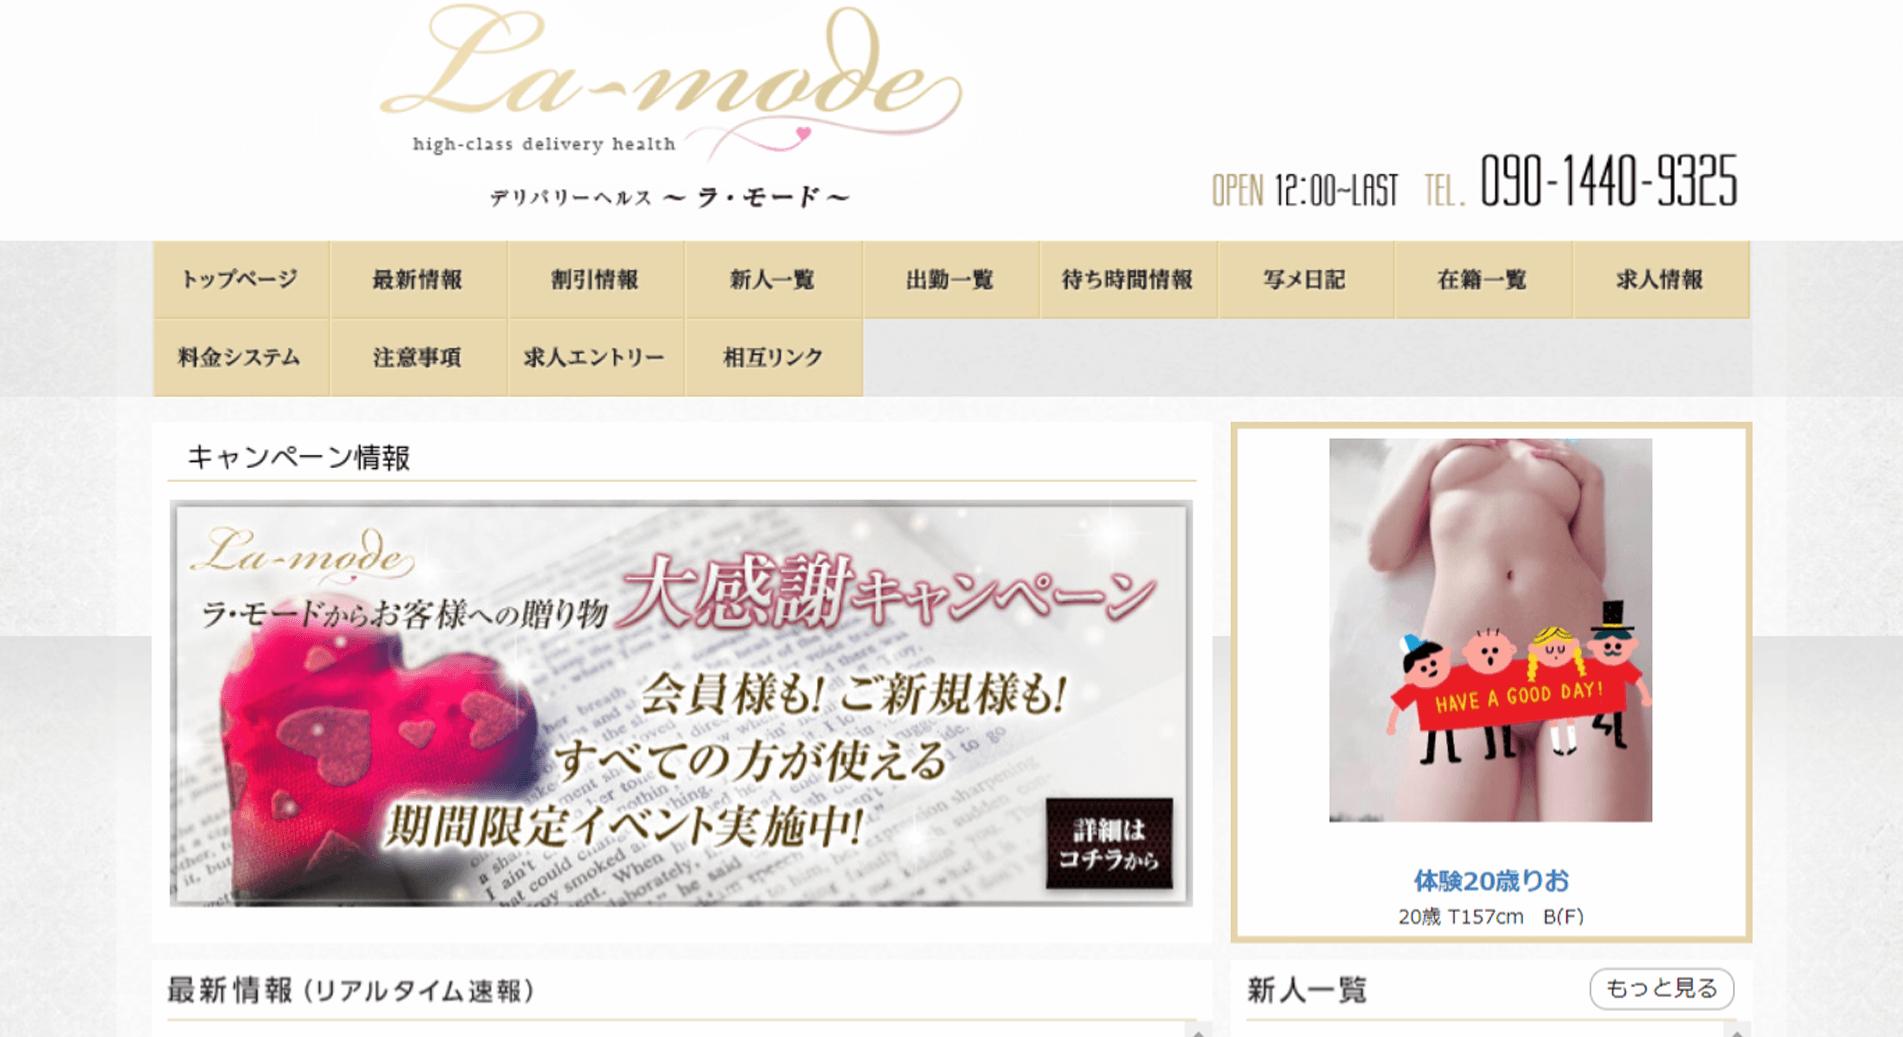 松山市 会員制デリバリーヘルス La-mode[デリバリーヘルス]のホームページ